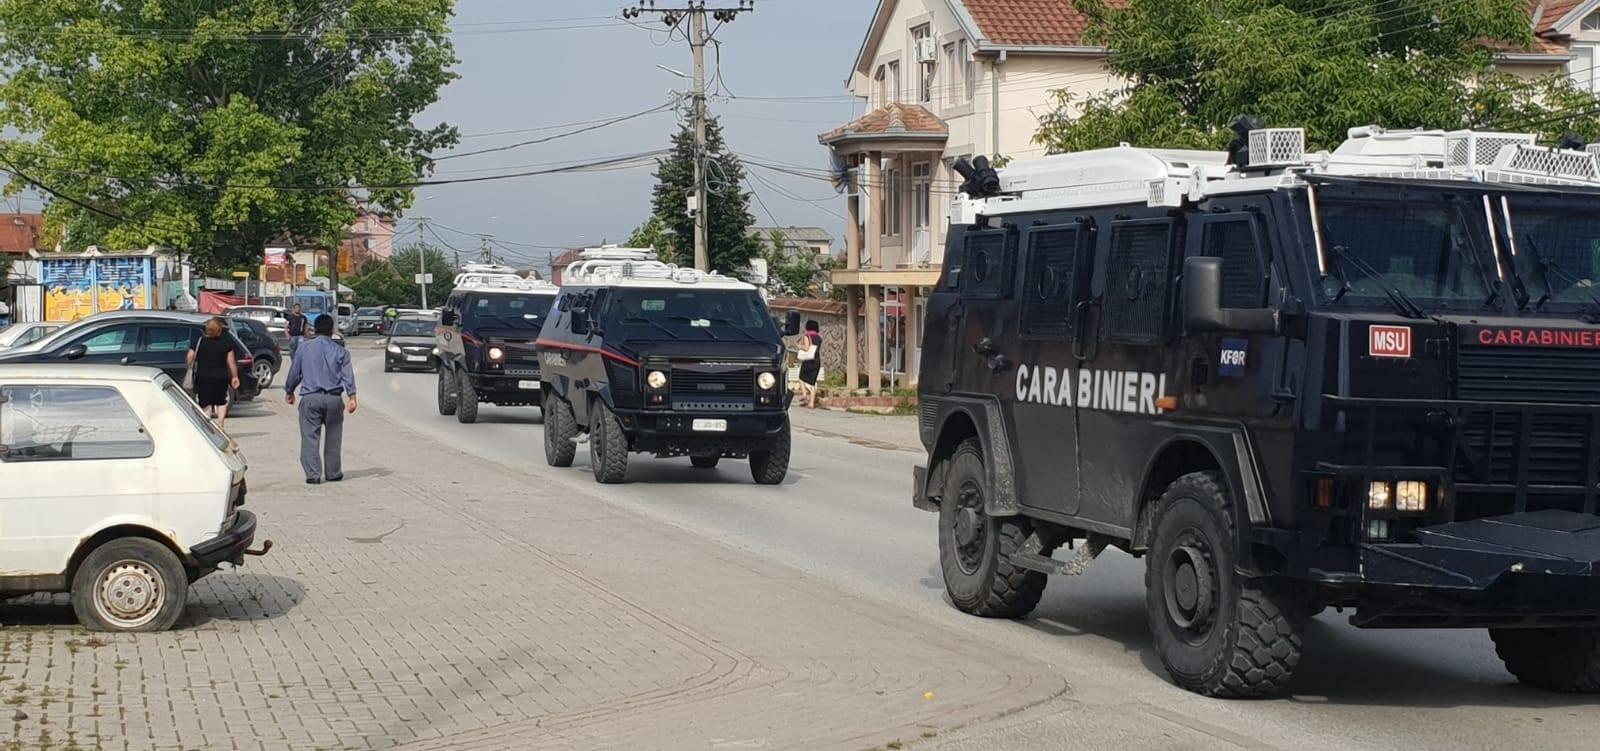 Αρκετά κρίσιμη η κατάσταση πλέον: Φόβοι για μακελειό – Ειδικές δυνάμεις του Κοσσυφοπεδίου σπεύδουν σε Σερβικές περιοχές – Βούτσιτς: «Δεν θα επιτρέψουμε την βία»